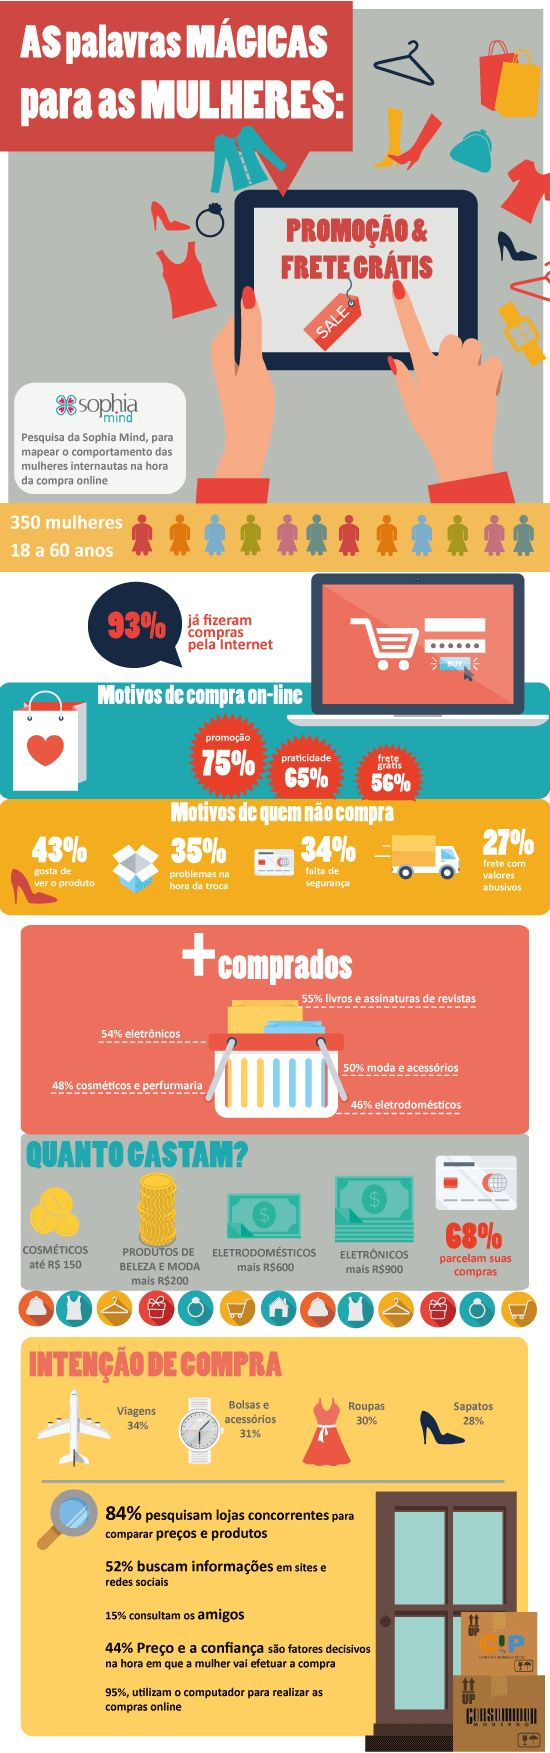 """""""Frete grátis: as palavras mágicas do e-commerce"""". O que as mulheres querem do e-commerce? Promoções, a praticidade e frete grátis. Veja no infográfico abaixo as preferências das mulheres brasileiras na hora de comprar online."""